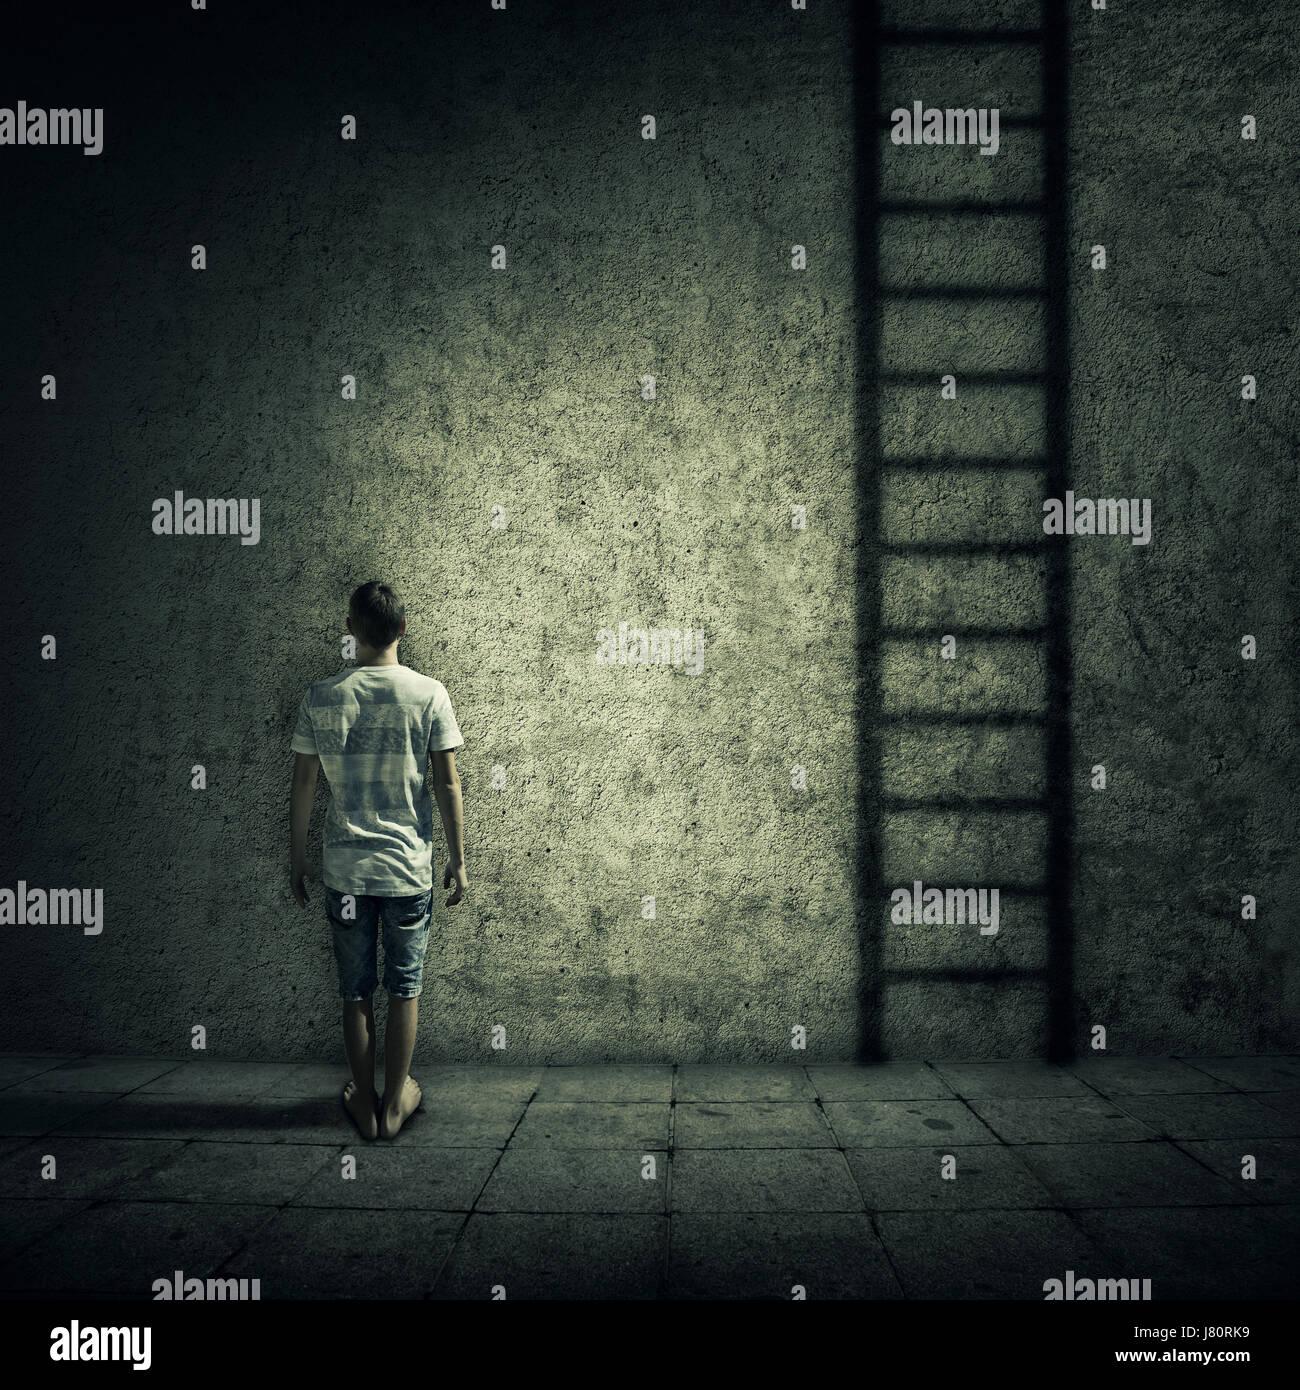 Idea abstracta con una persona de pie en una habitación oscura, delante de una pared de concreto, determinando Imagen De Stock